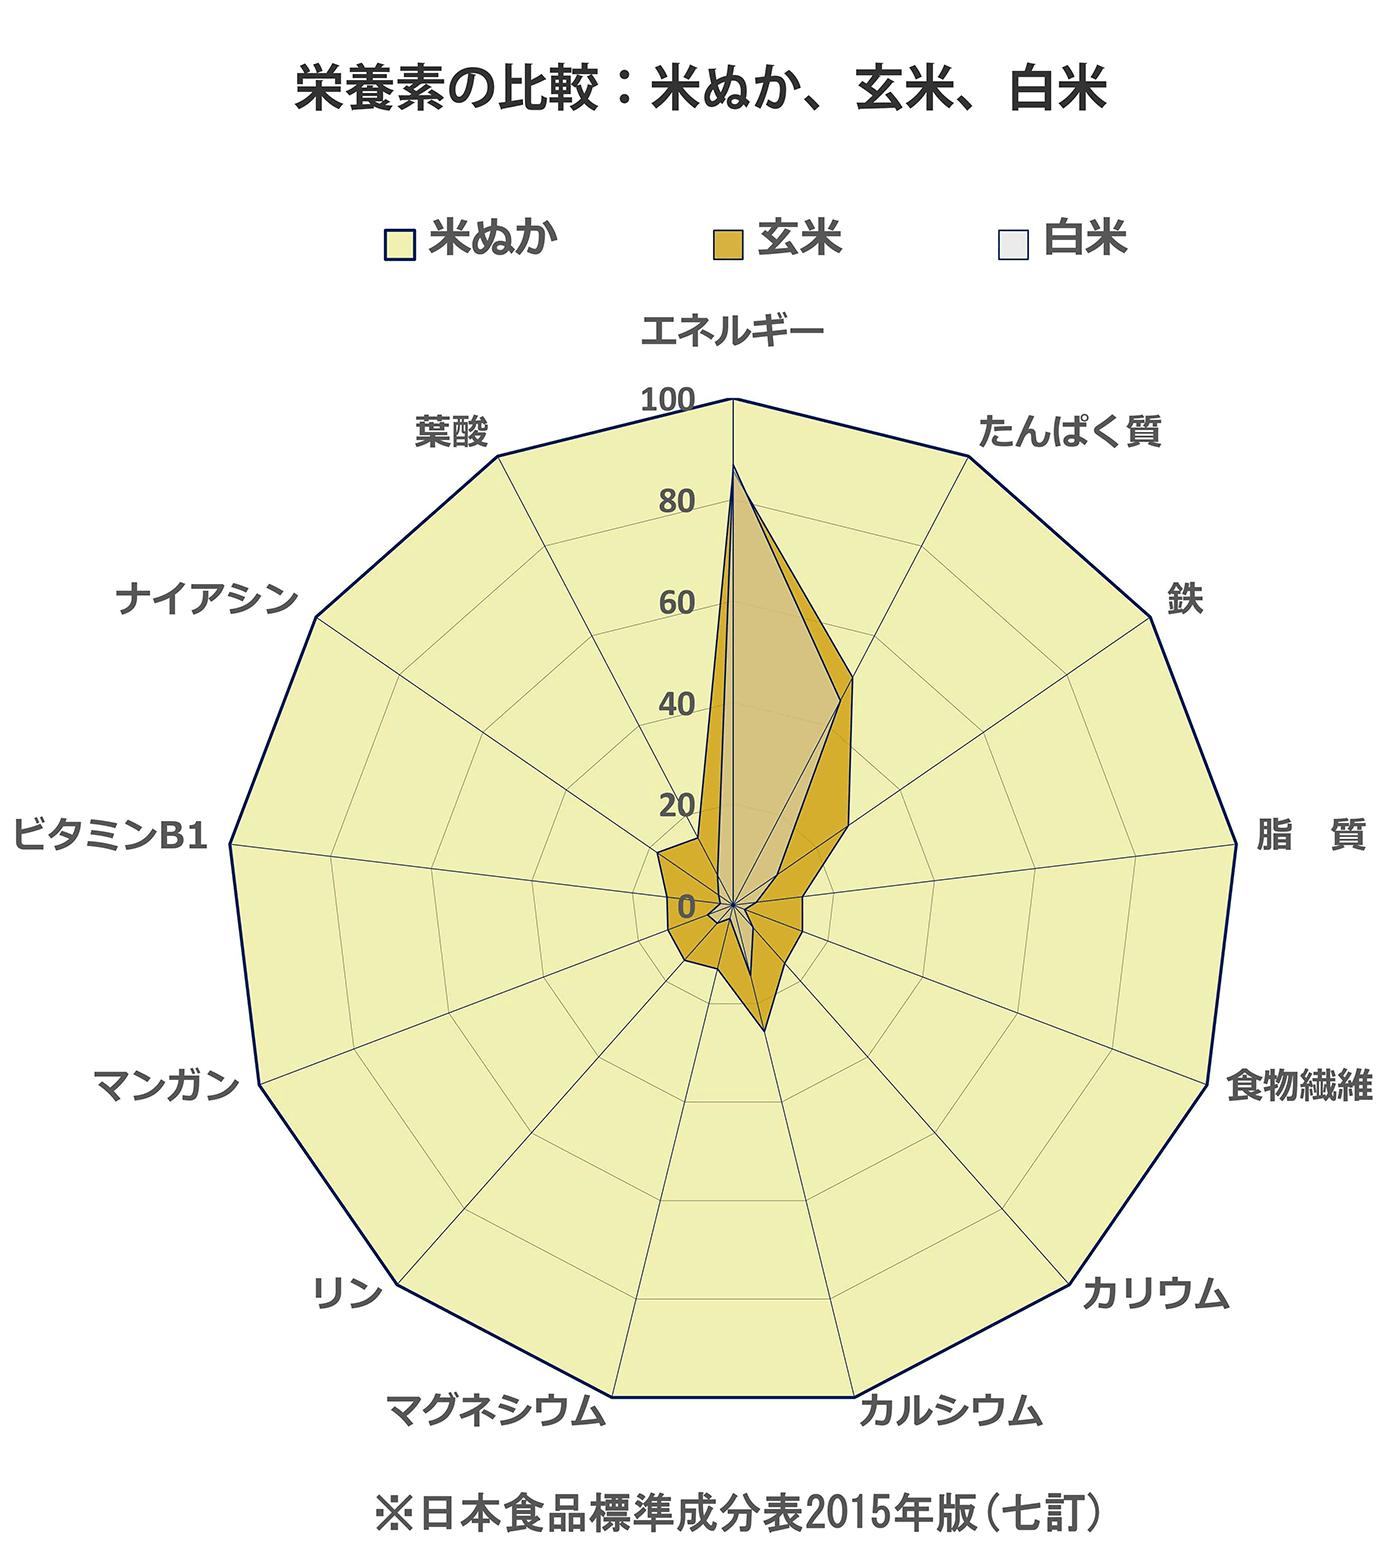 栄養素のレーダーチャート